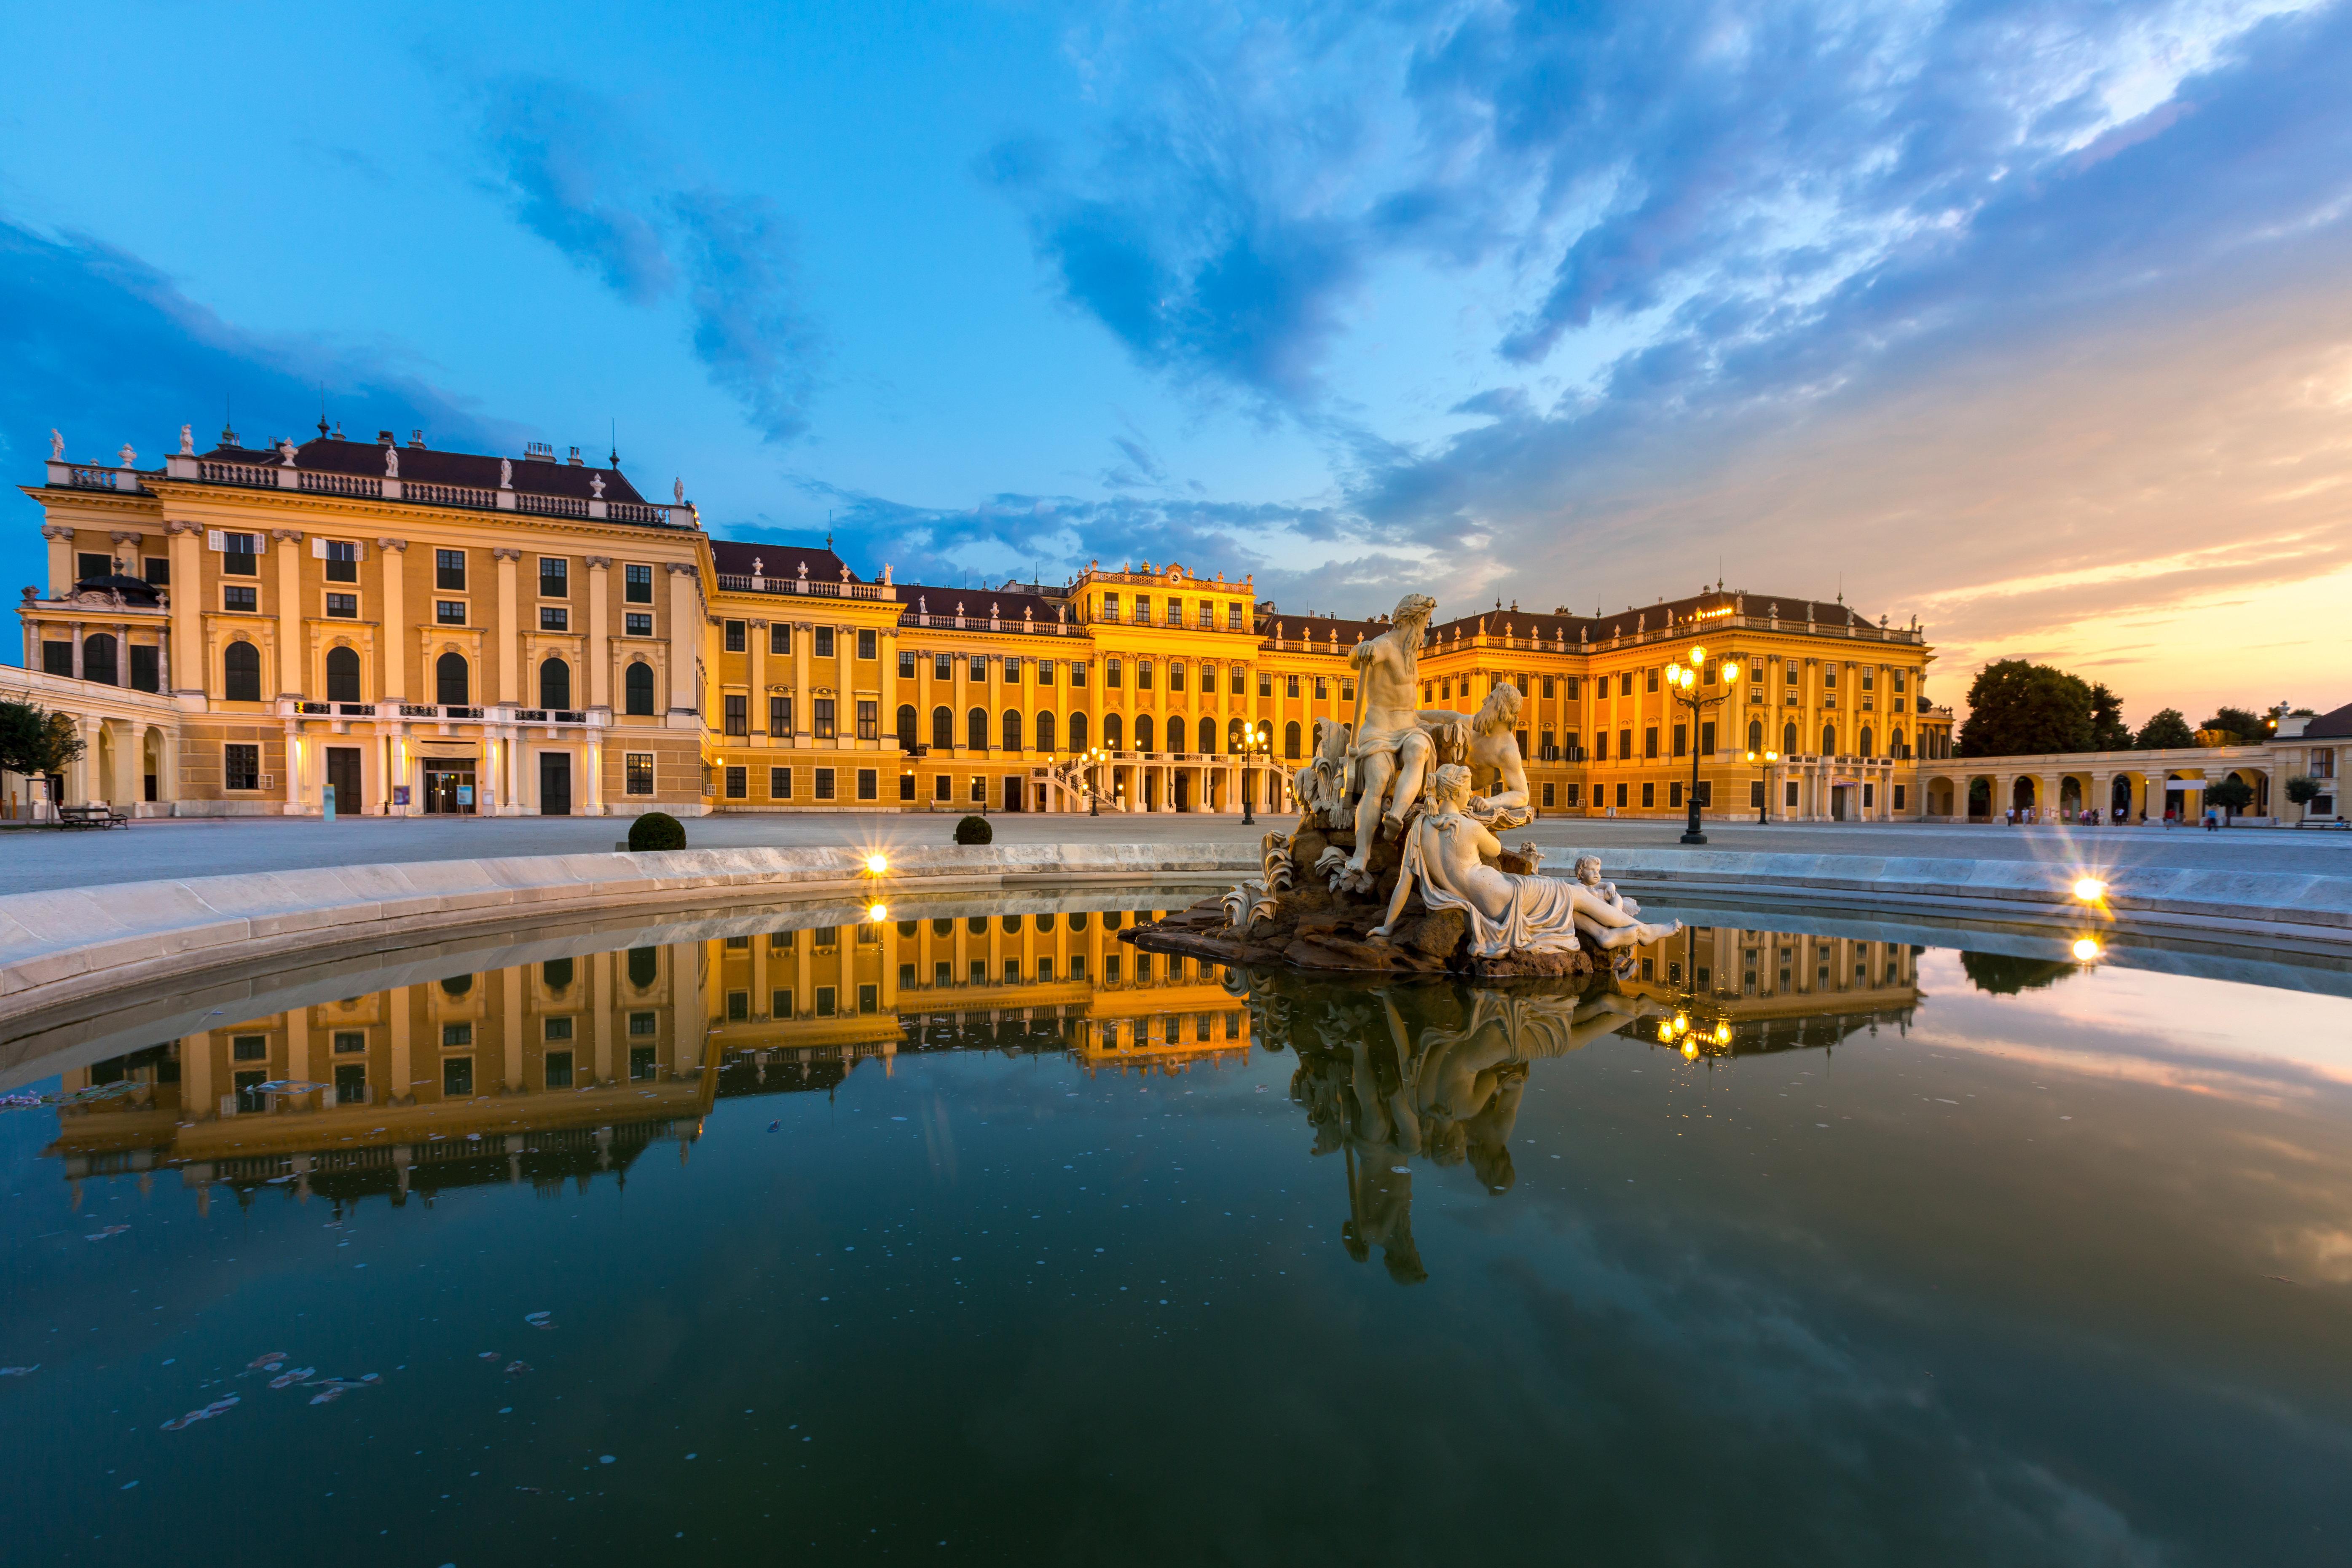 [Image: Belvedere, Vienna]